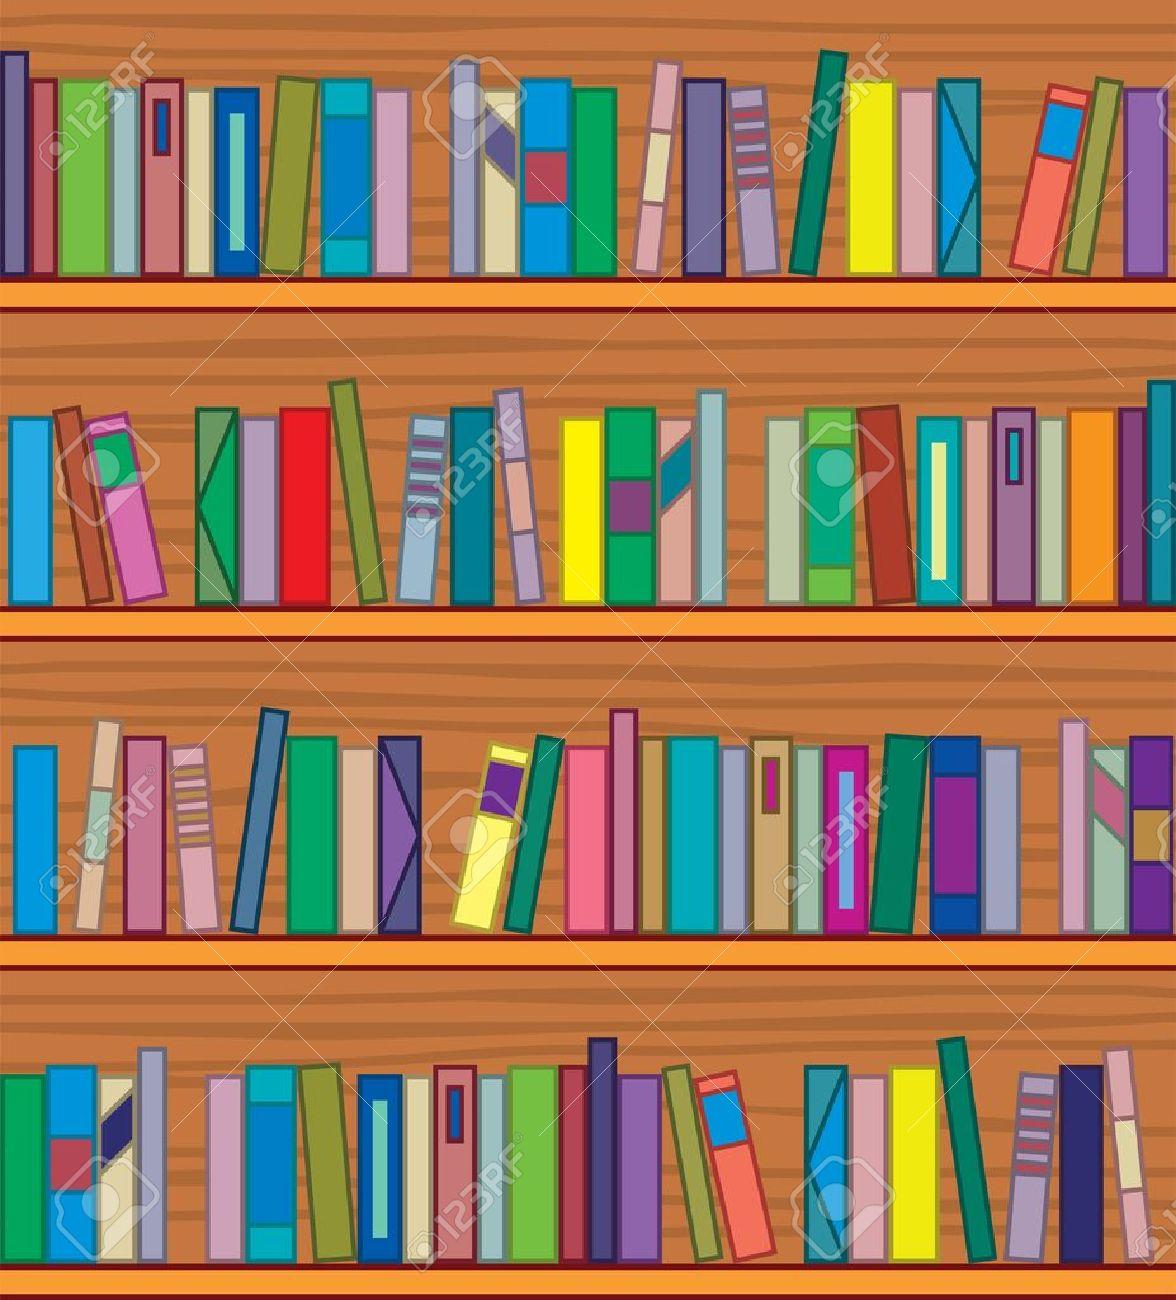 Bücherregal clipart schwarz weiß  Cliparts Von Holz-Regal Mit Bücher Lizenzfrei Nutzbare ...